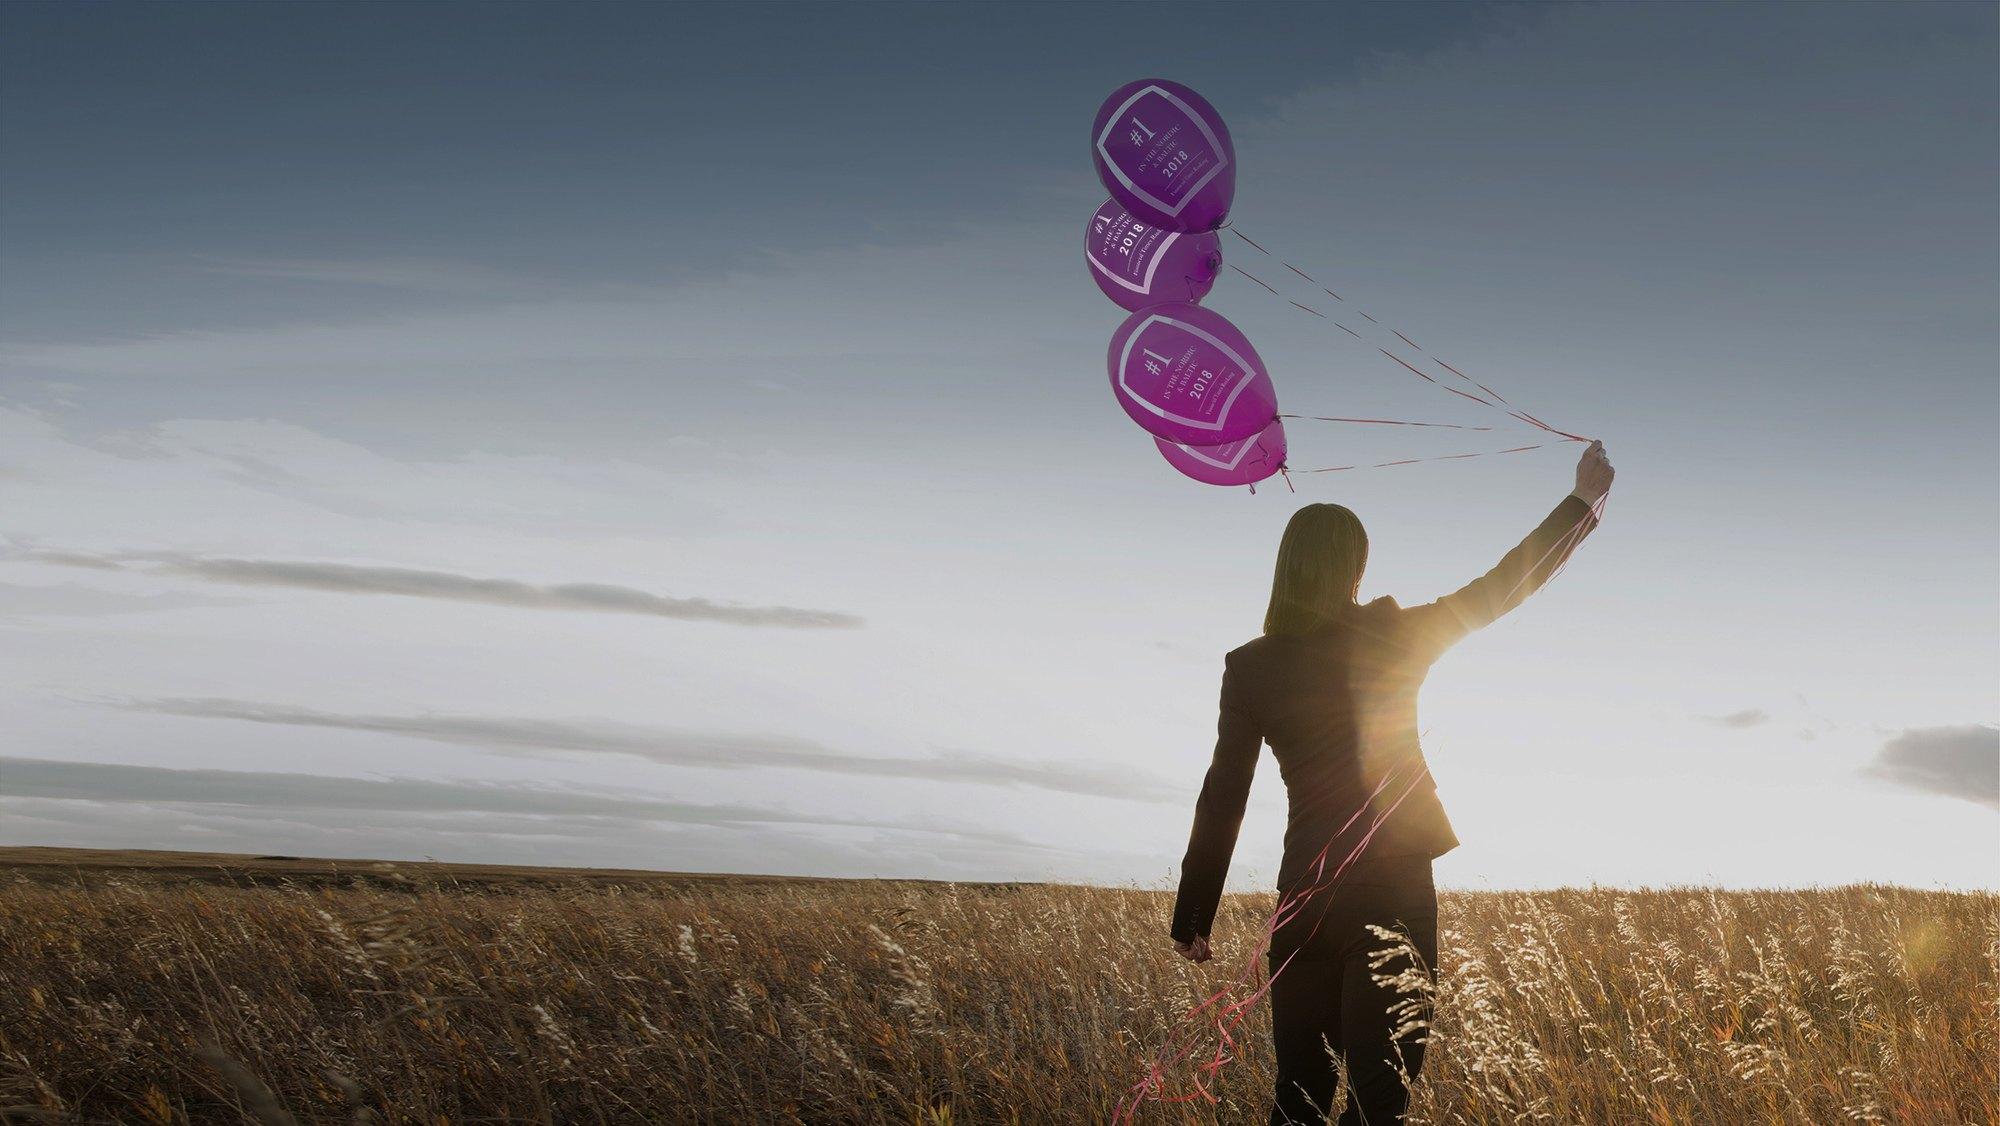 Kvinna står med lilla ballonger i handen på ett sädesfält i solnedgången